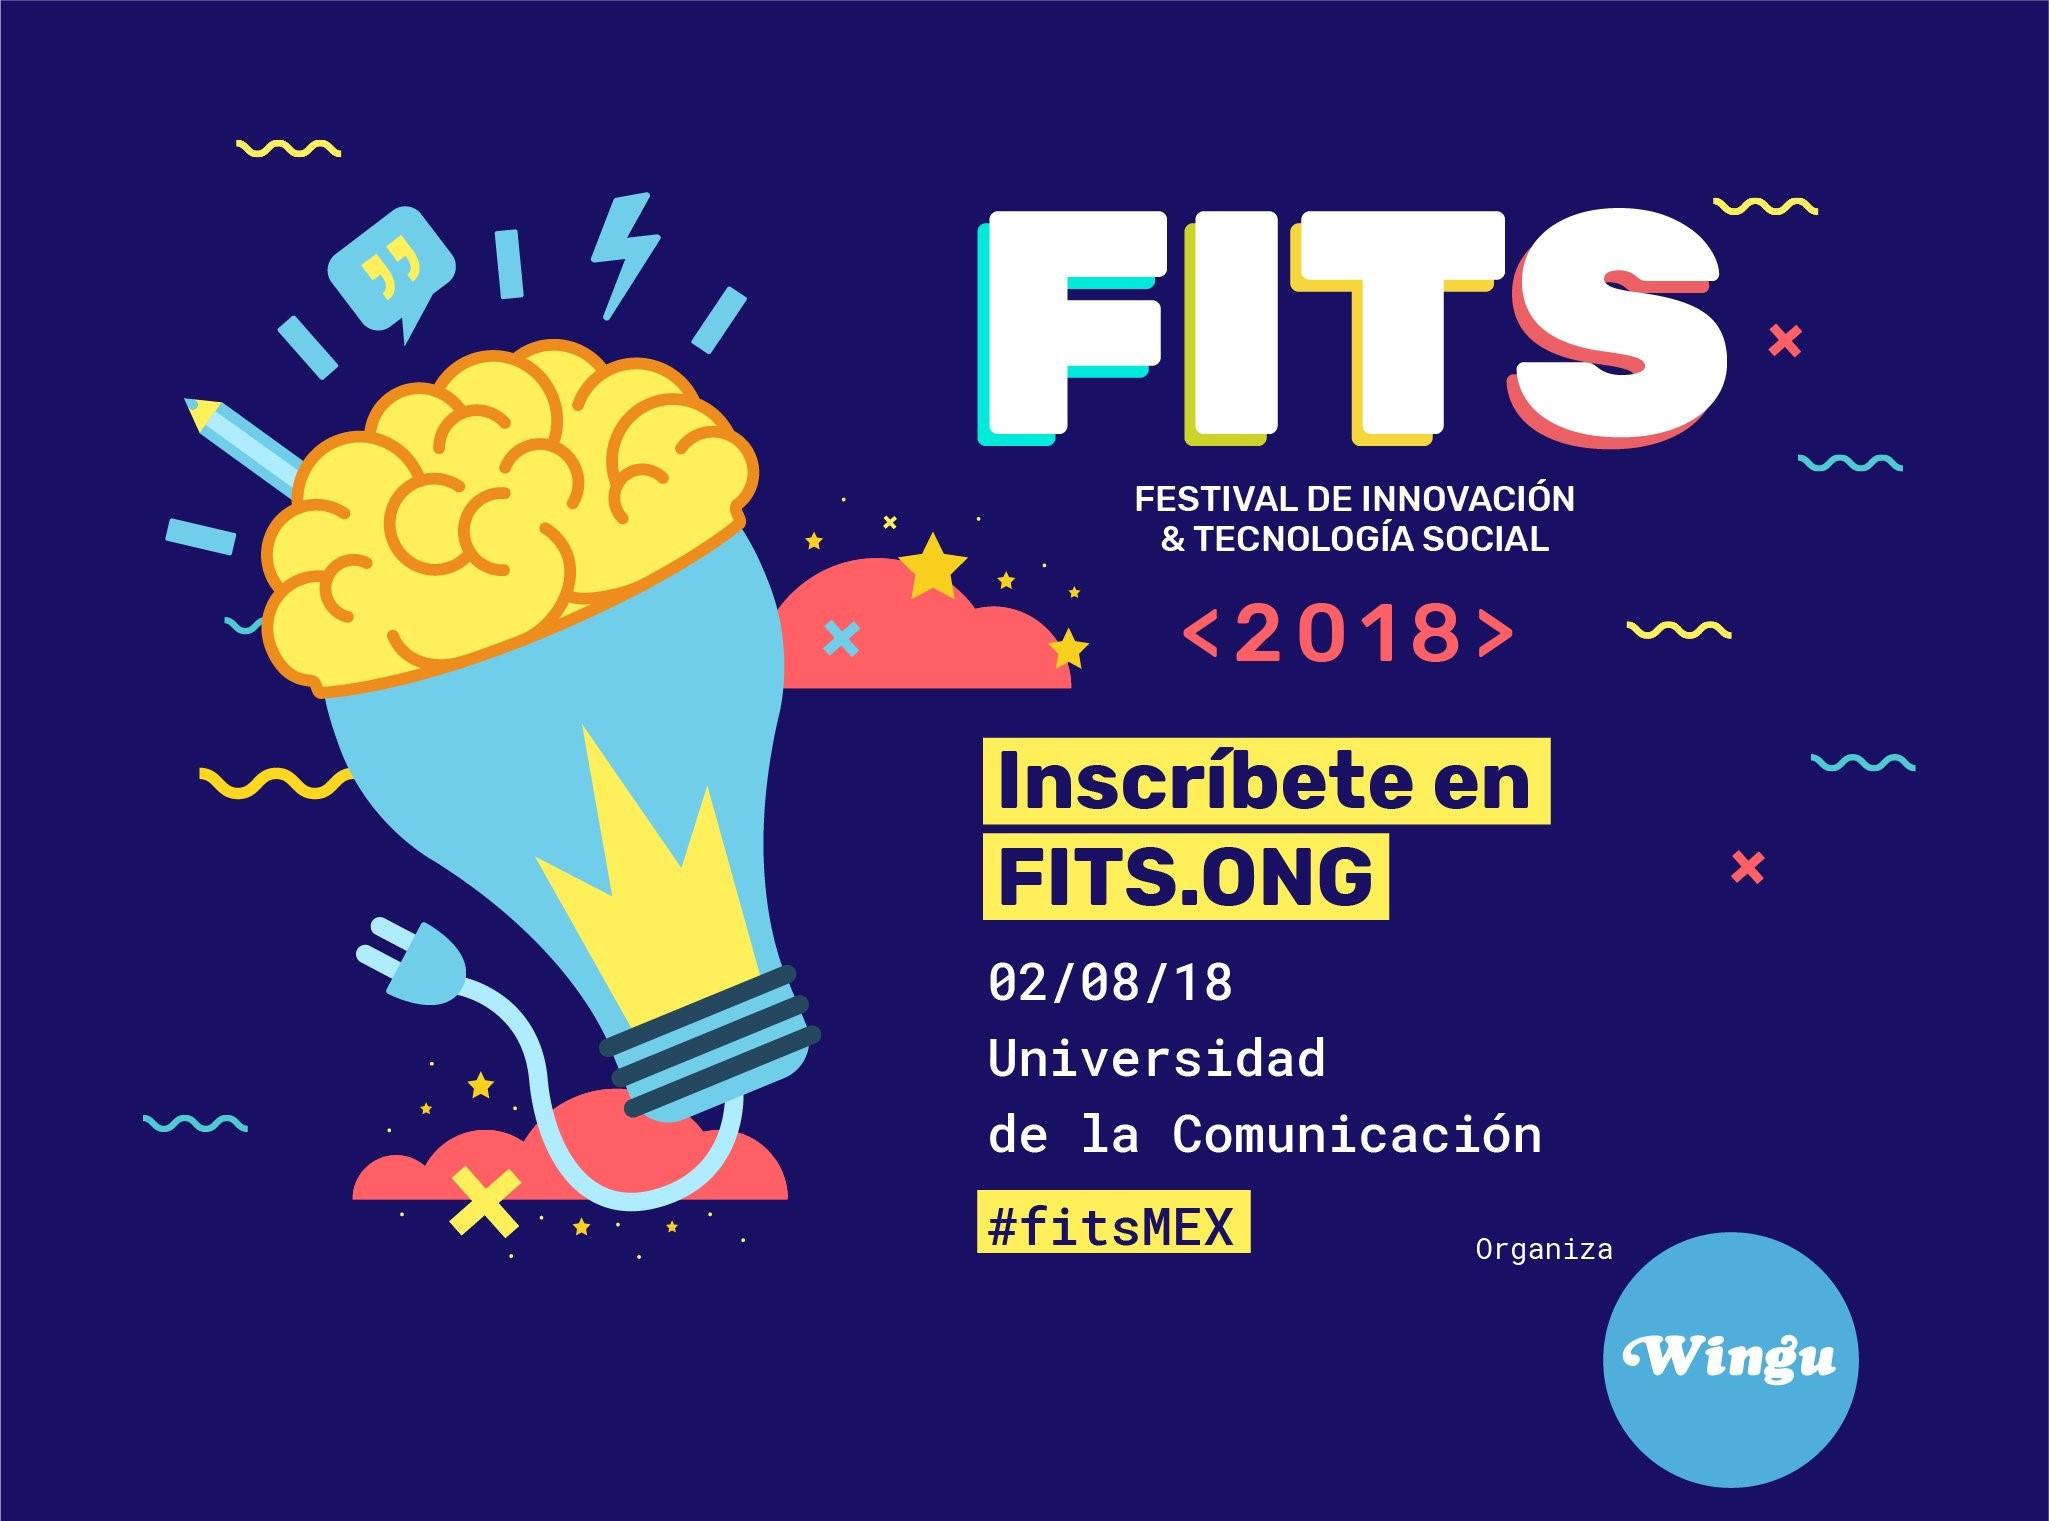 Participa en la cuarta edición del Festival de Innovación y Tecnología Social